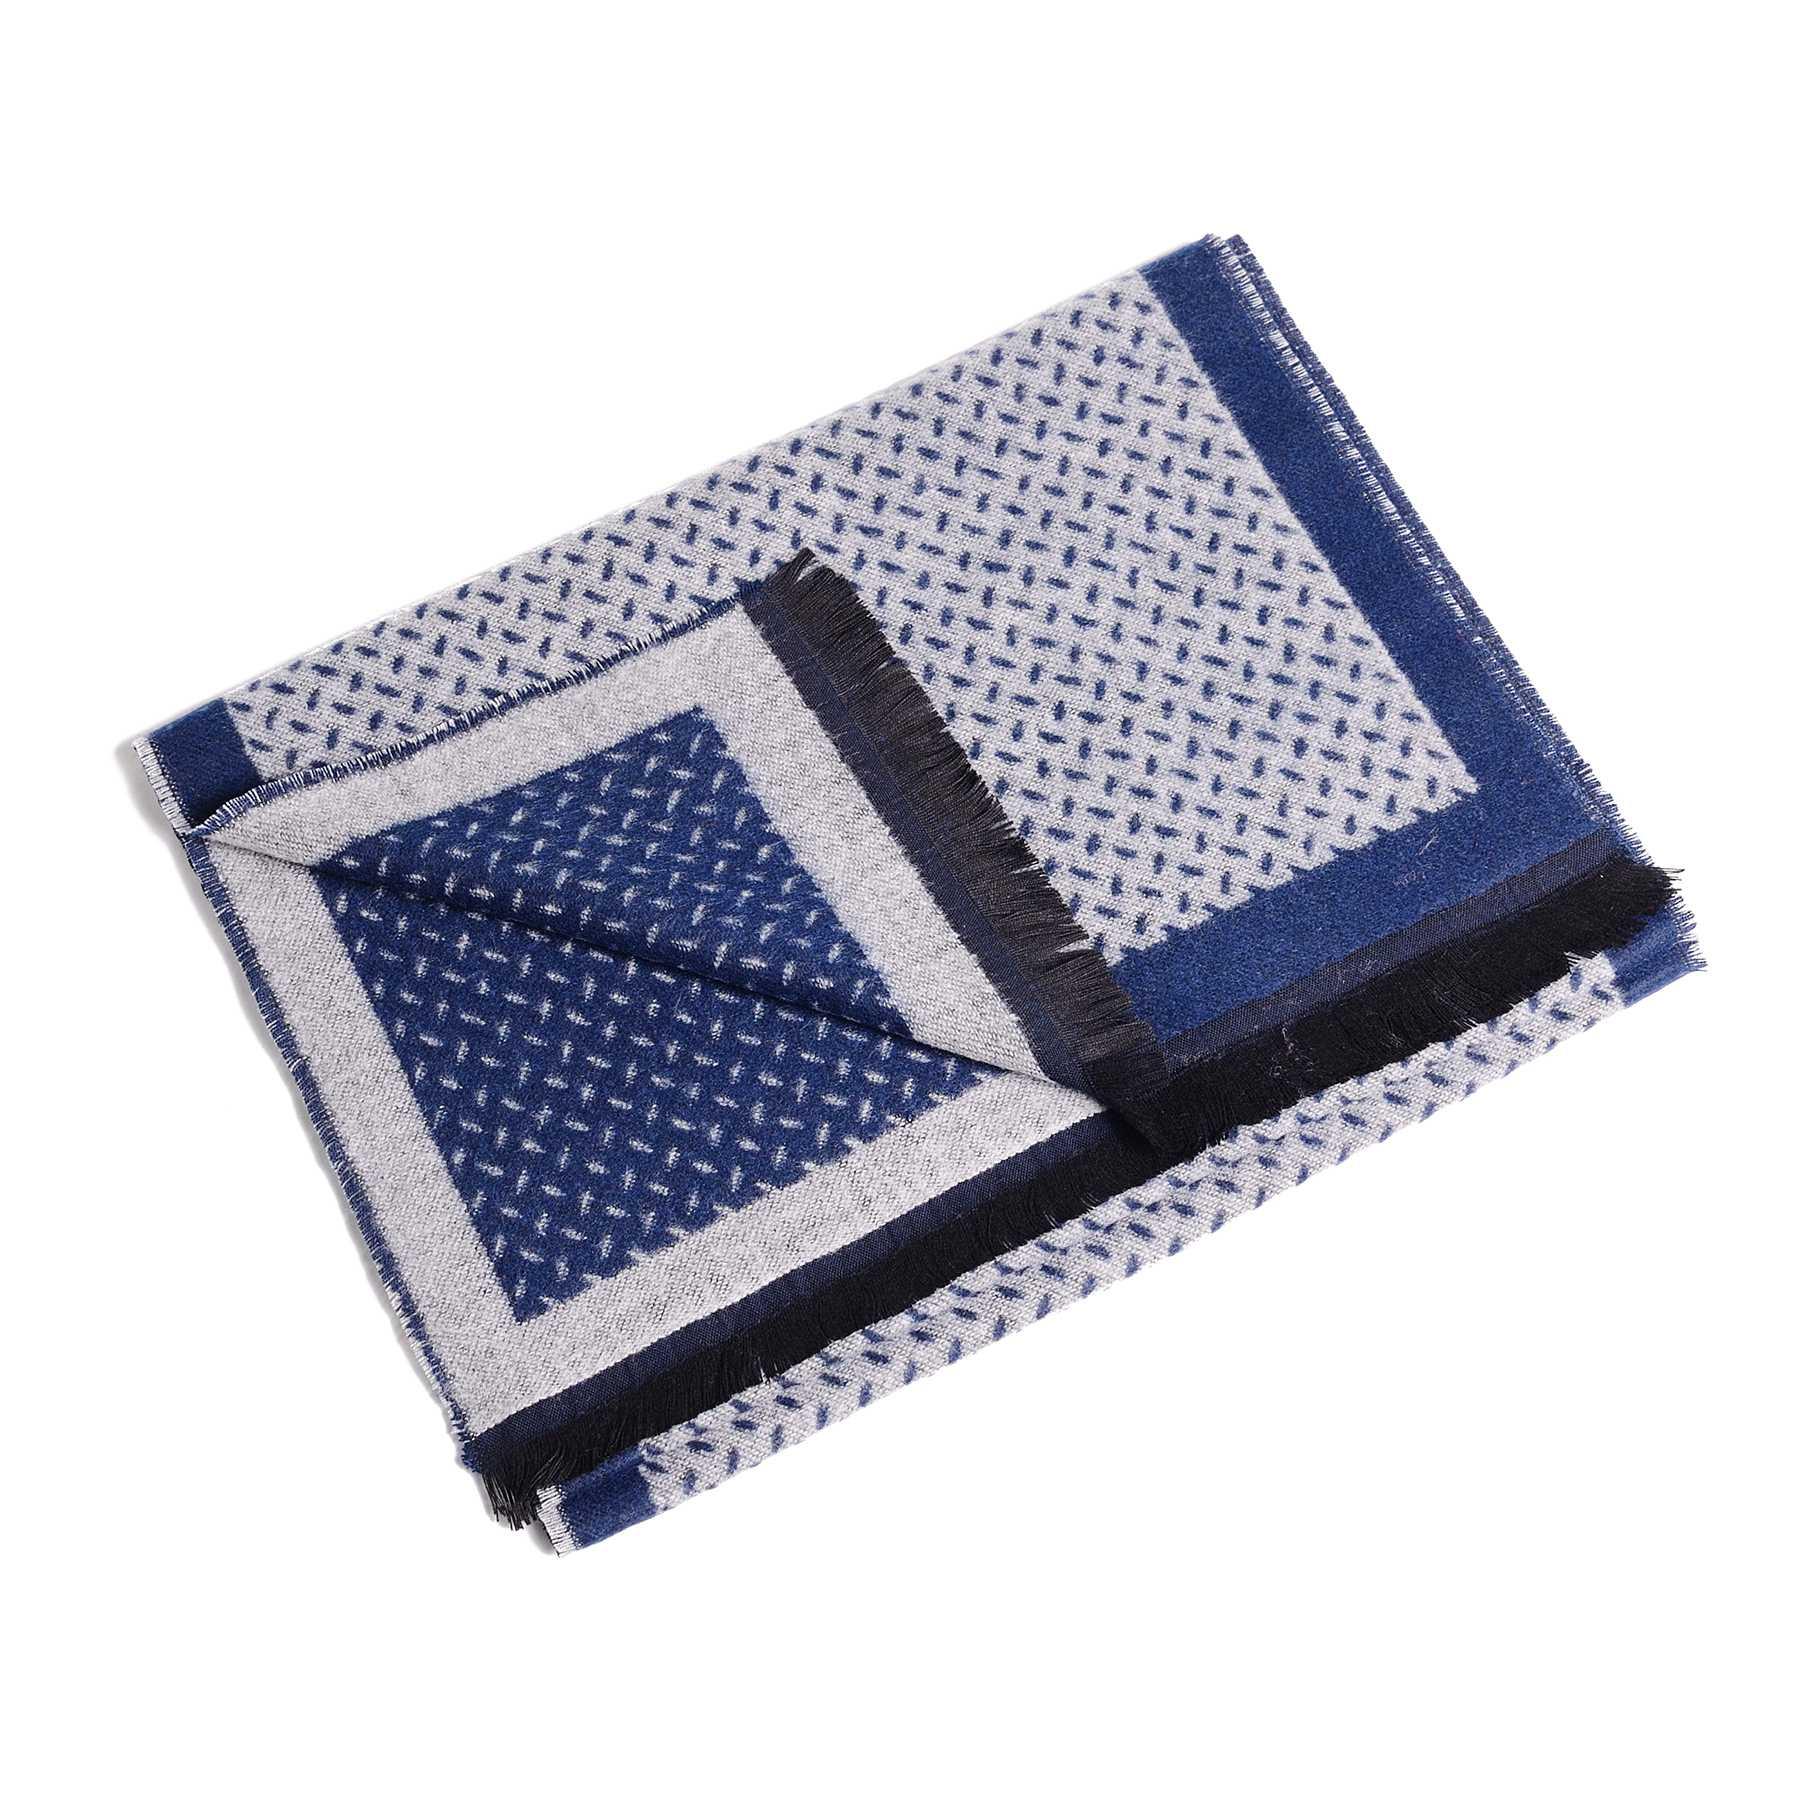 Шарф мужской светло-серый с синим в мелкий узор (двухсторонний)